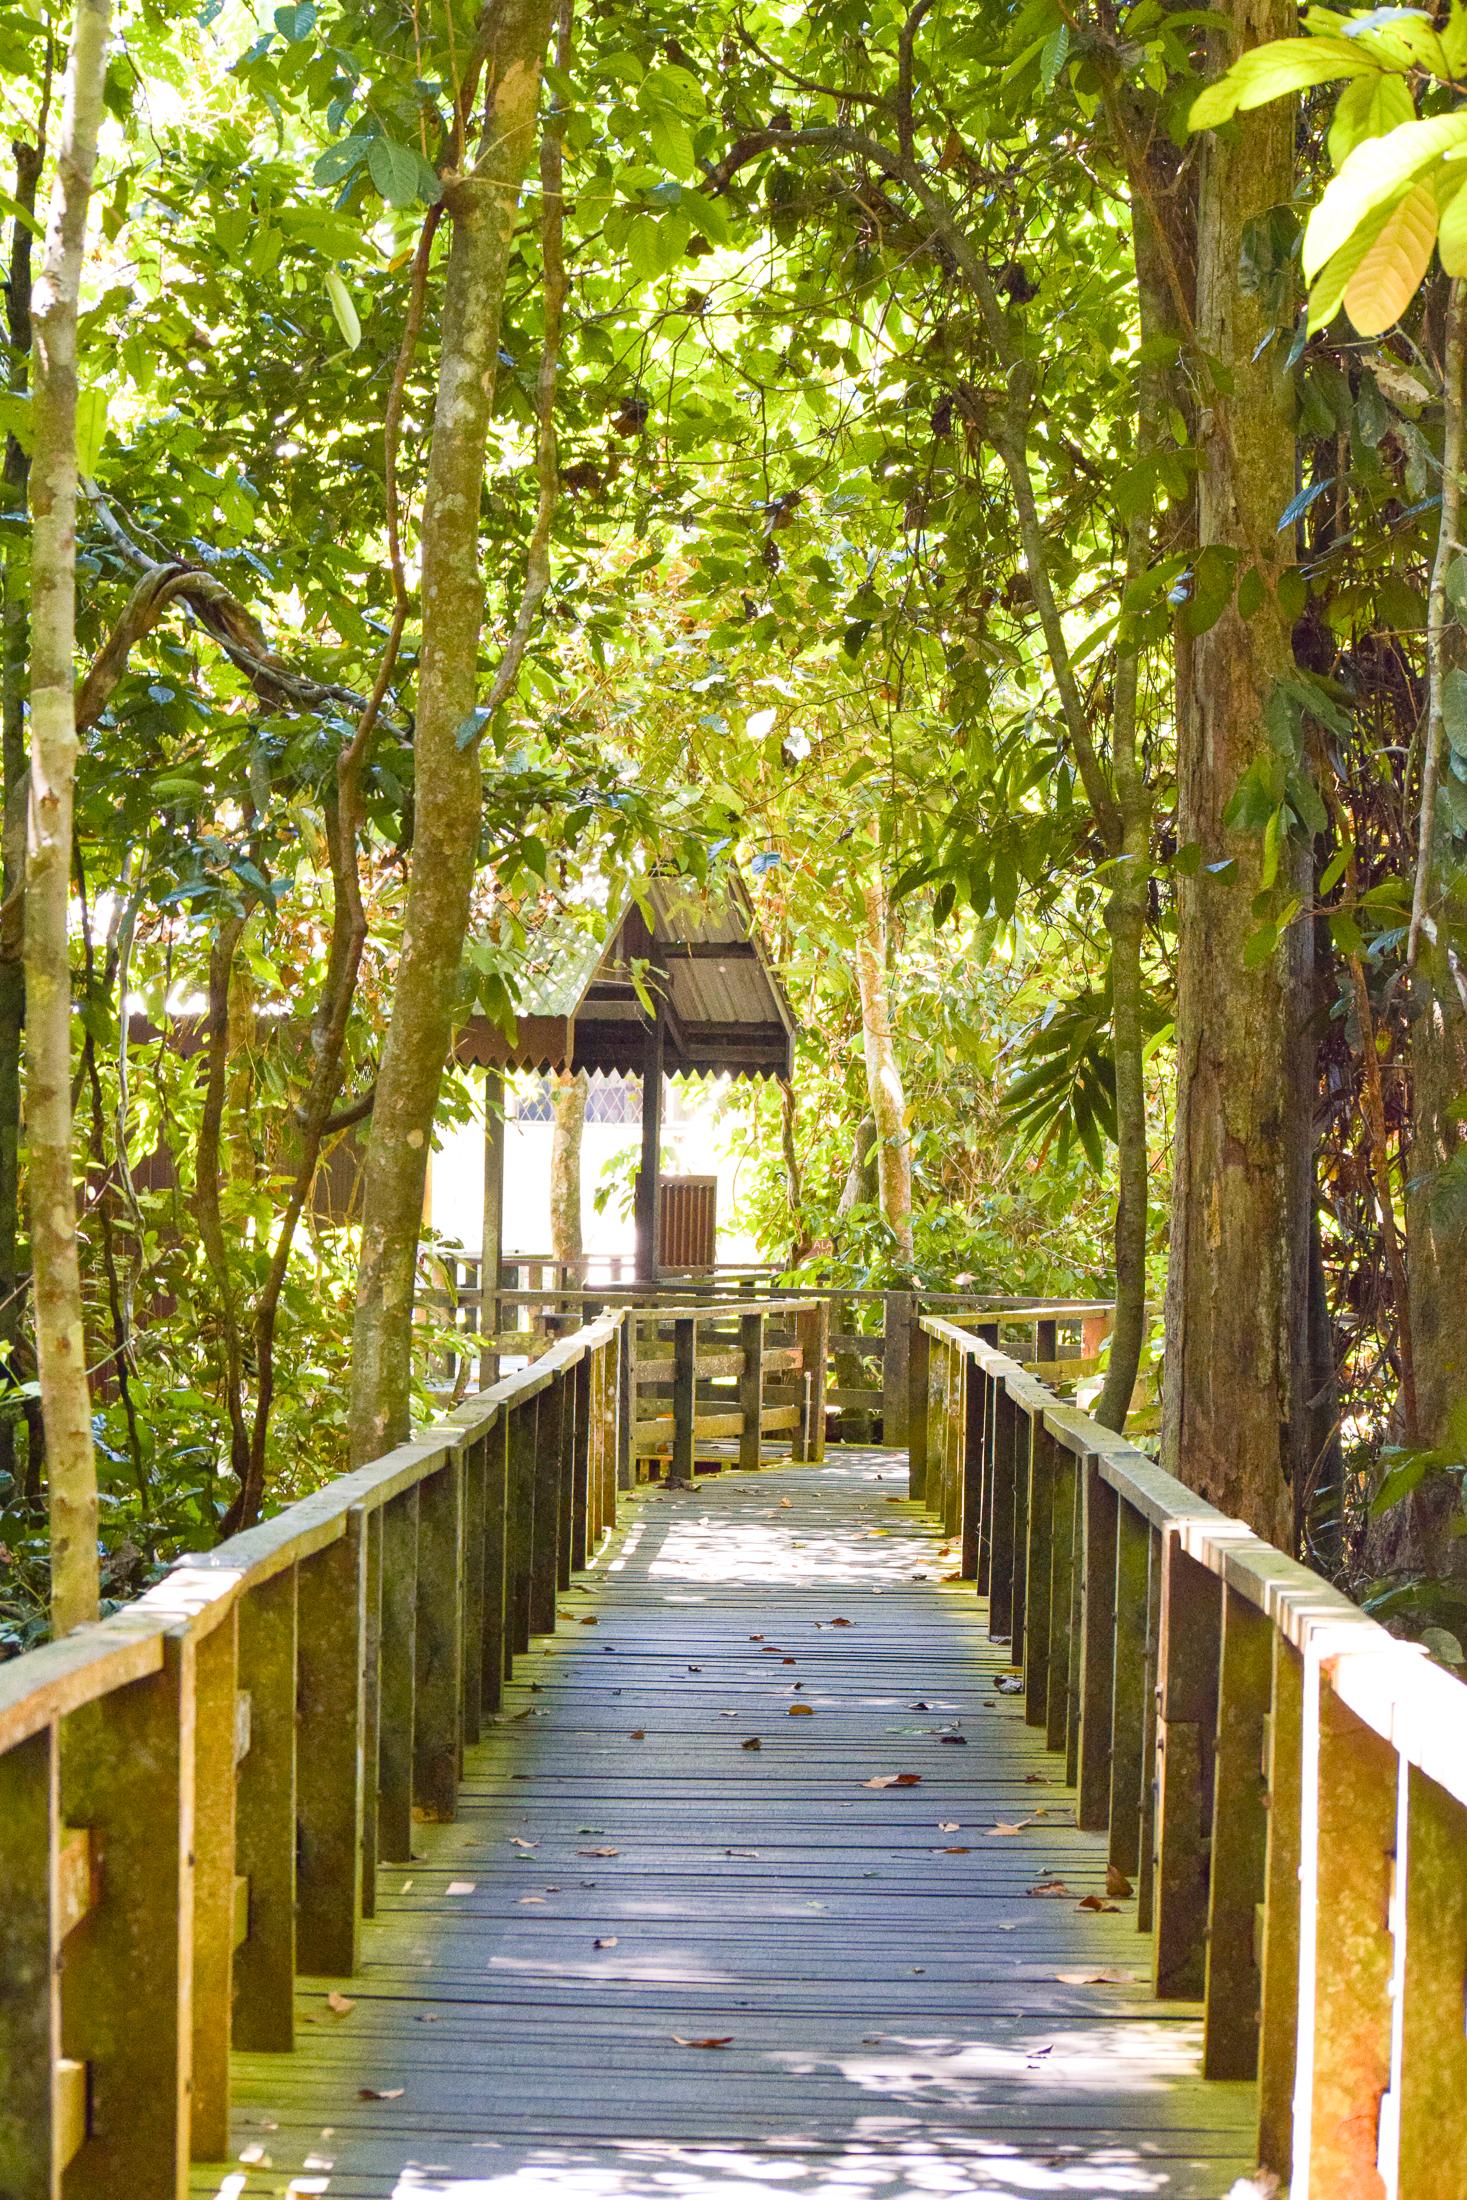 en träspång med trästaket i djungeln.